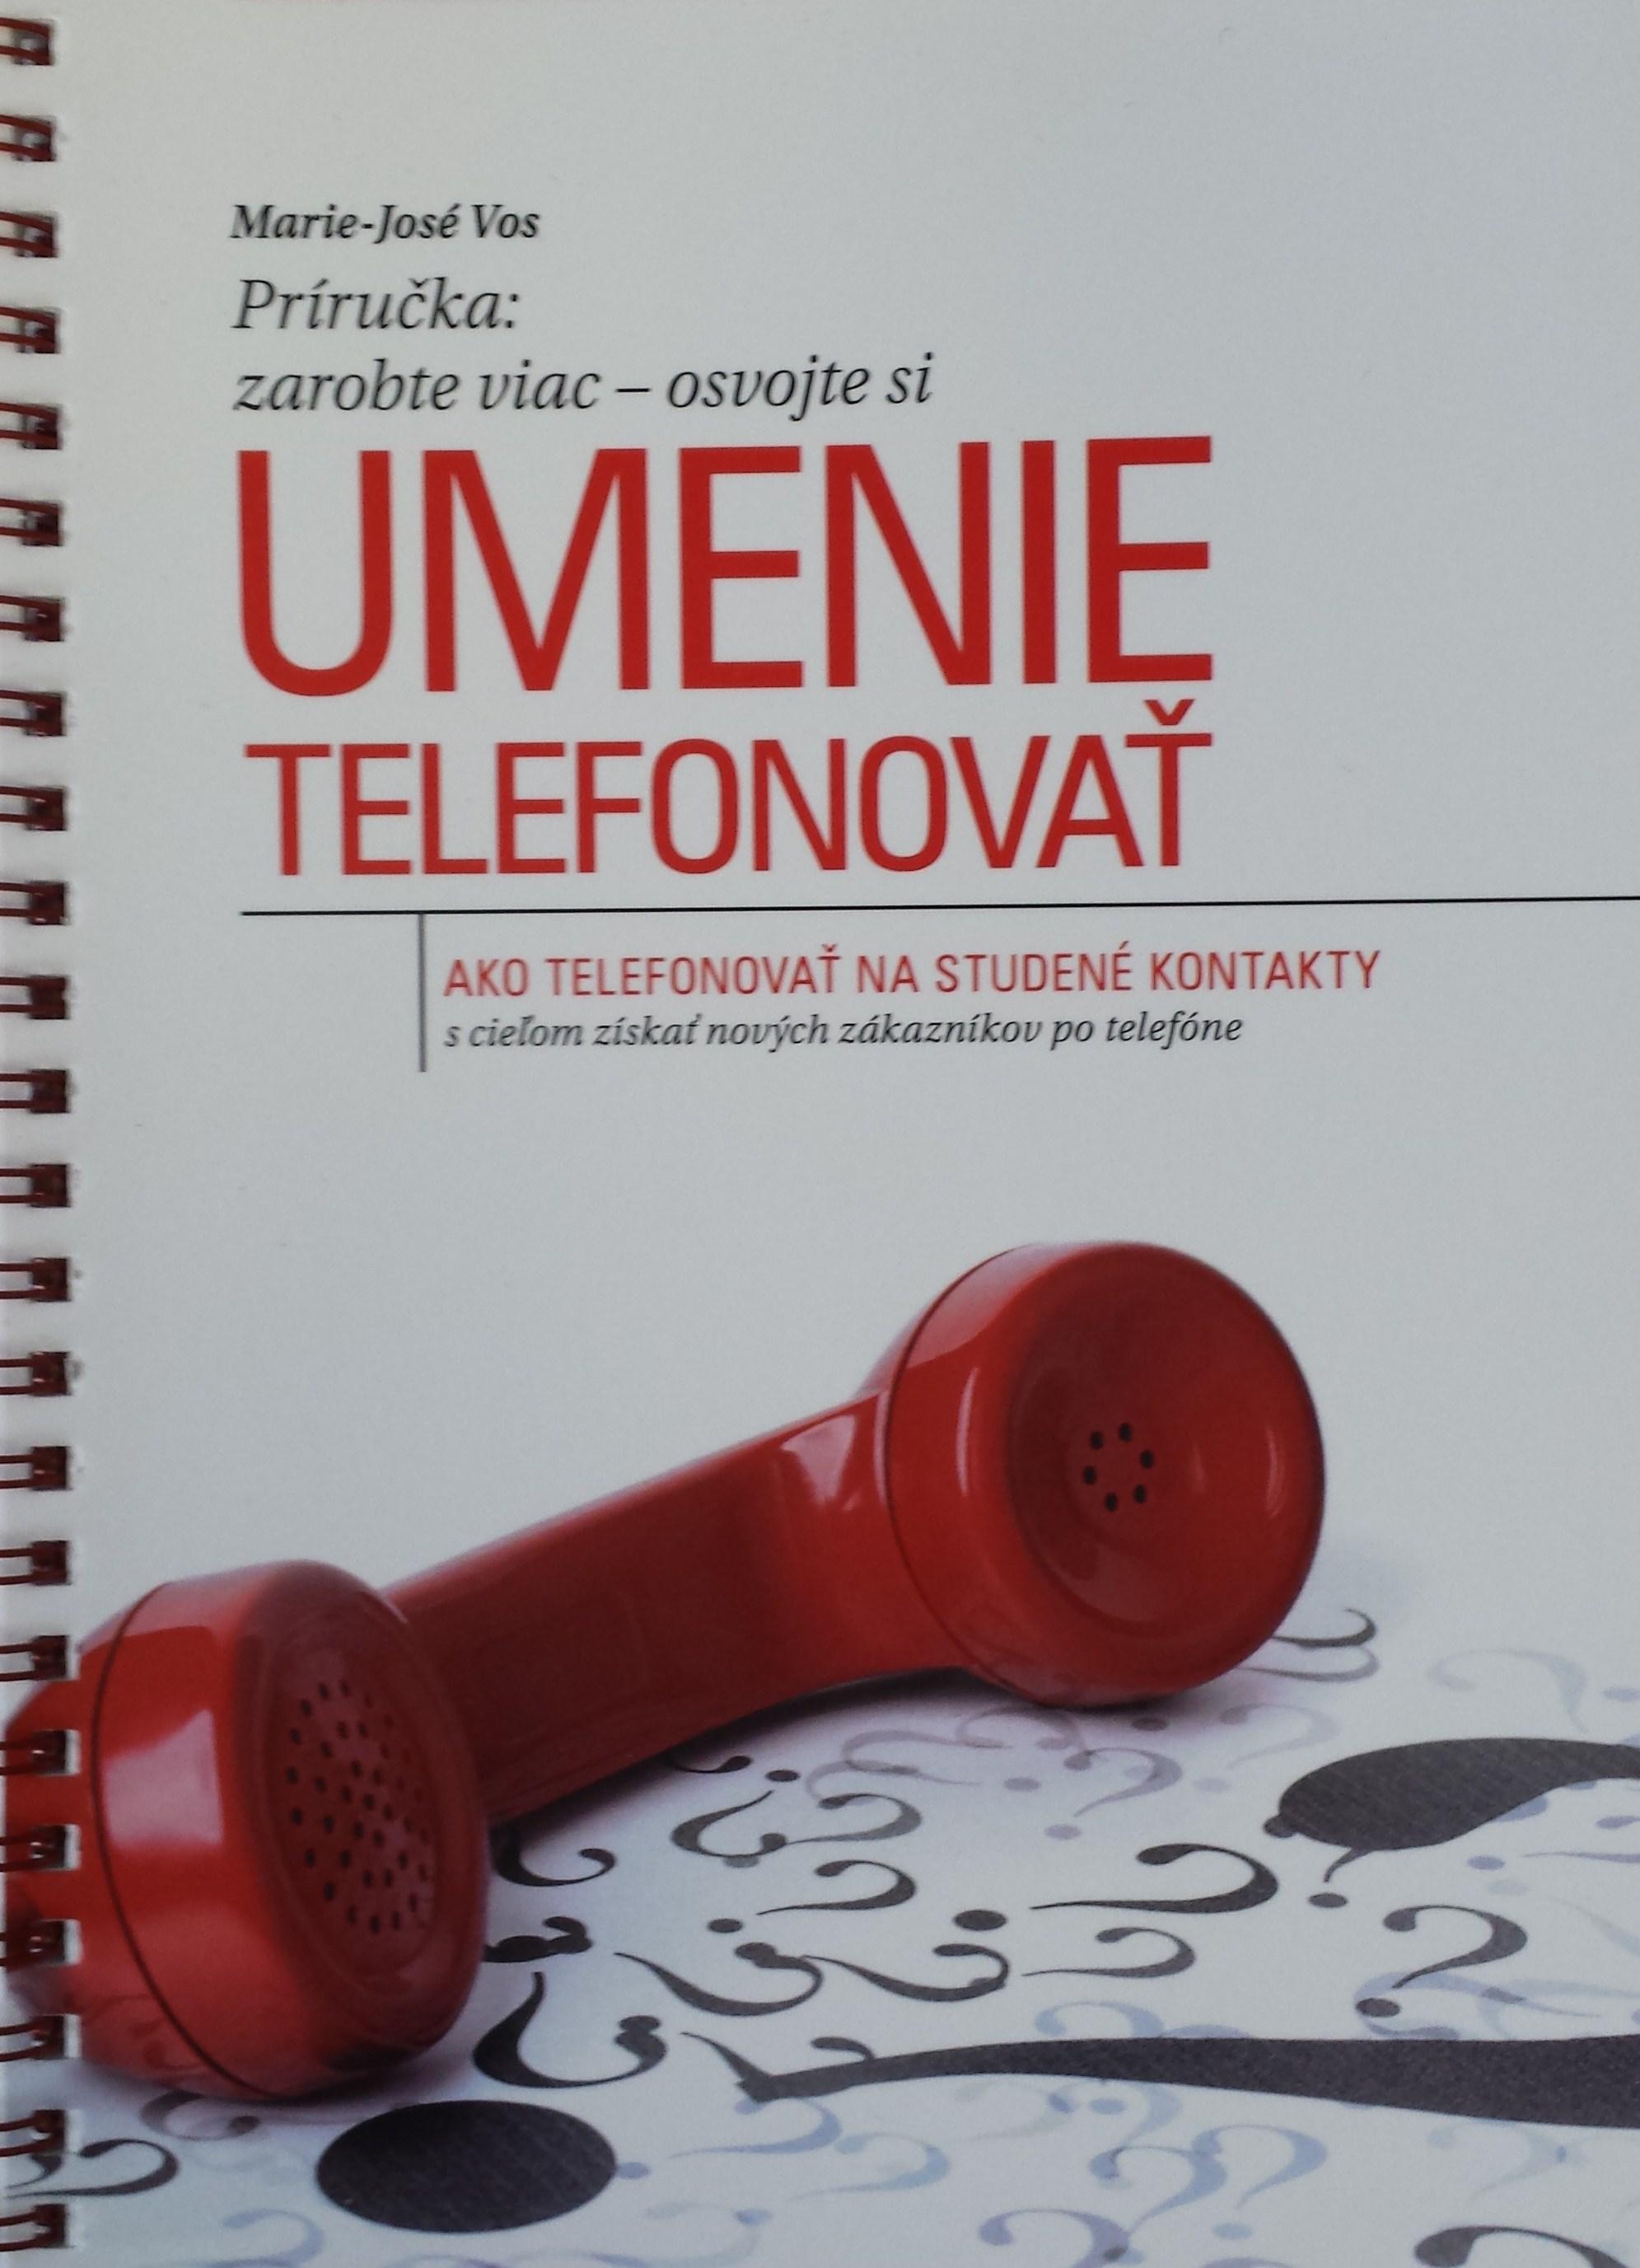 Umenie telefonovať